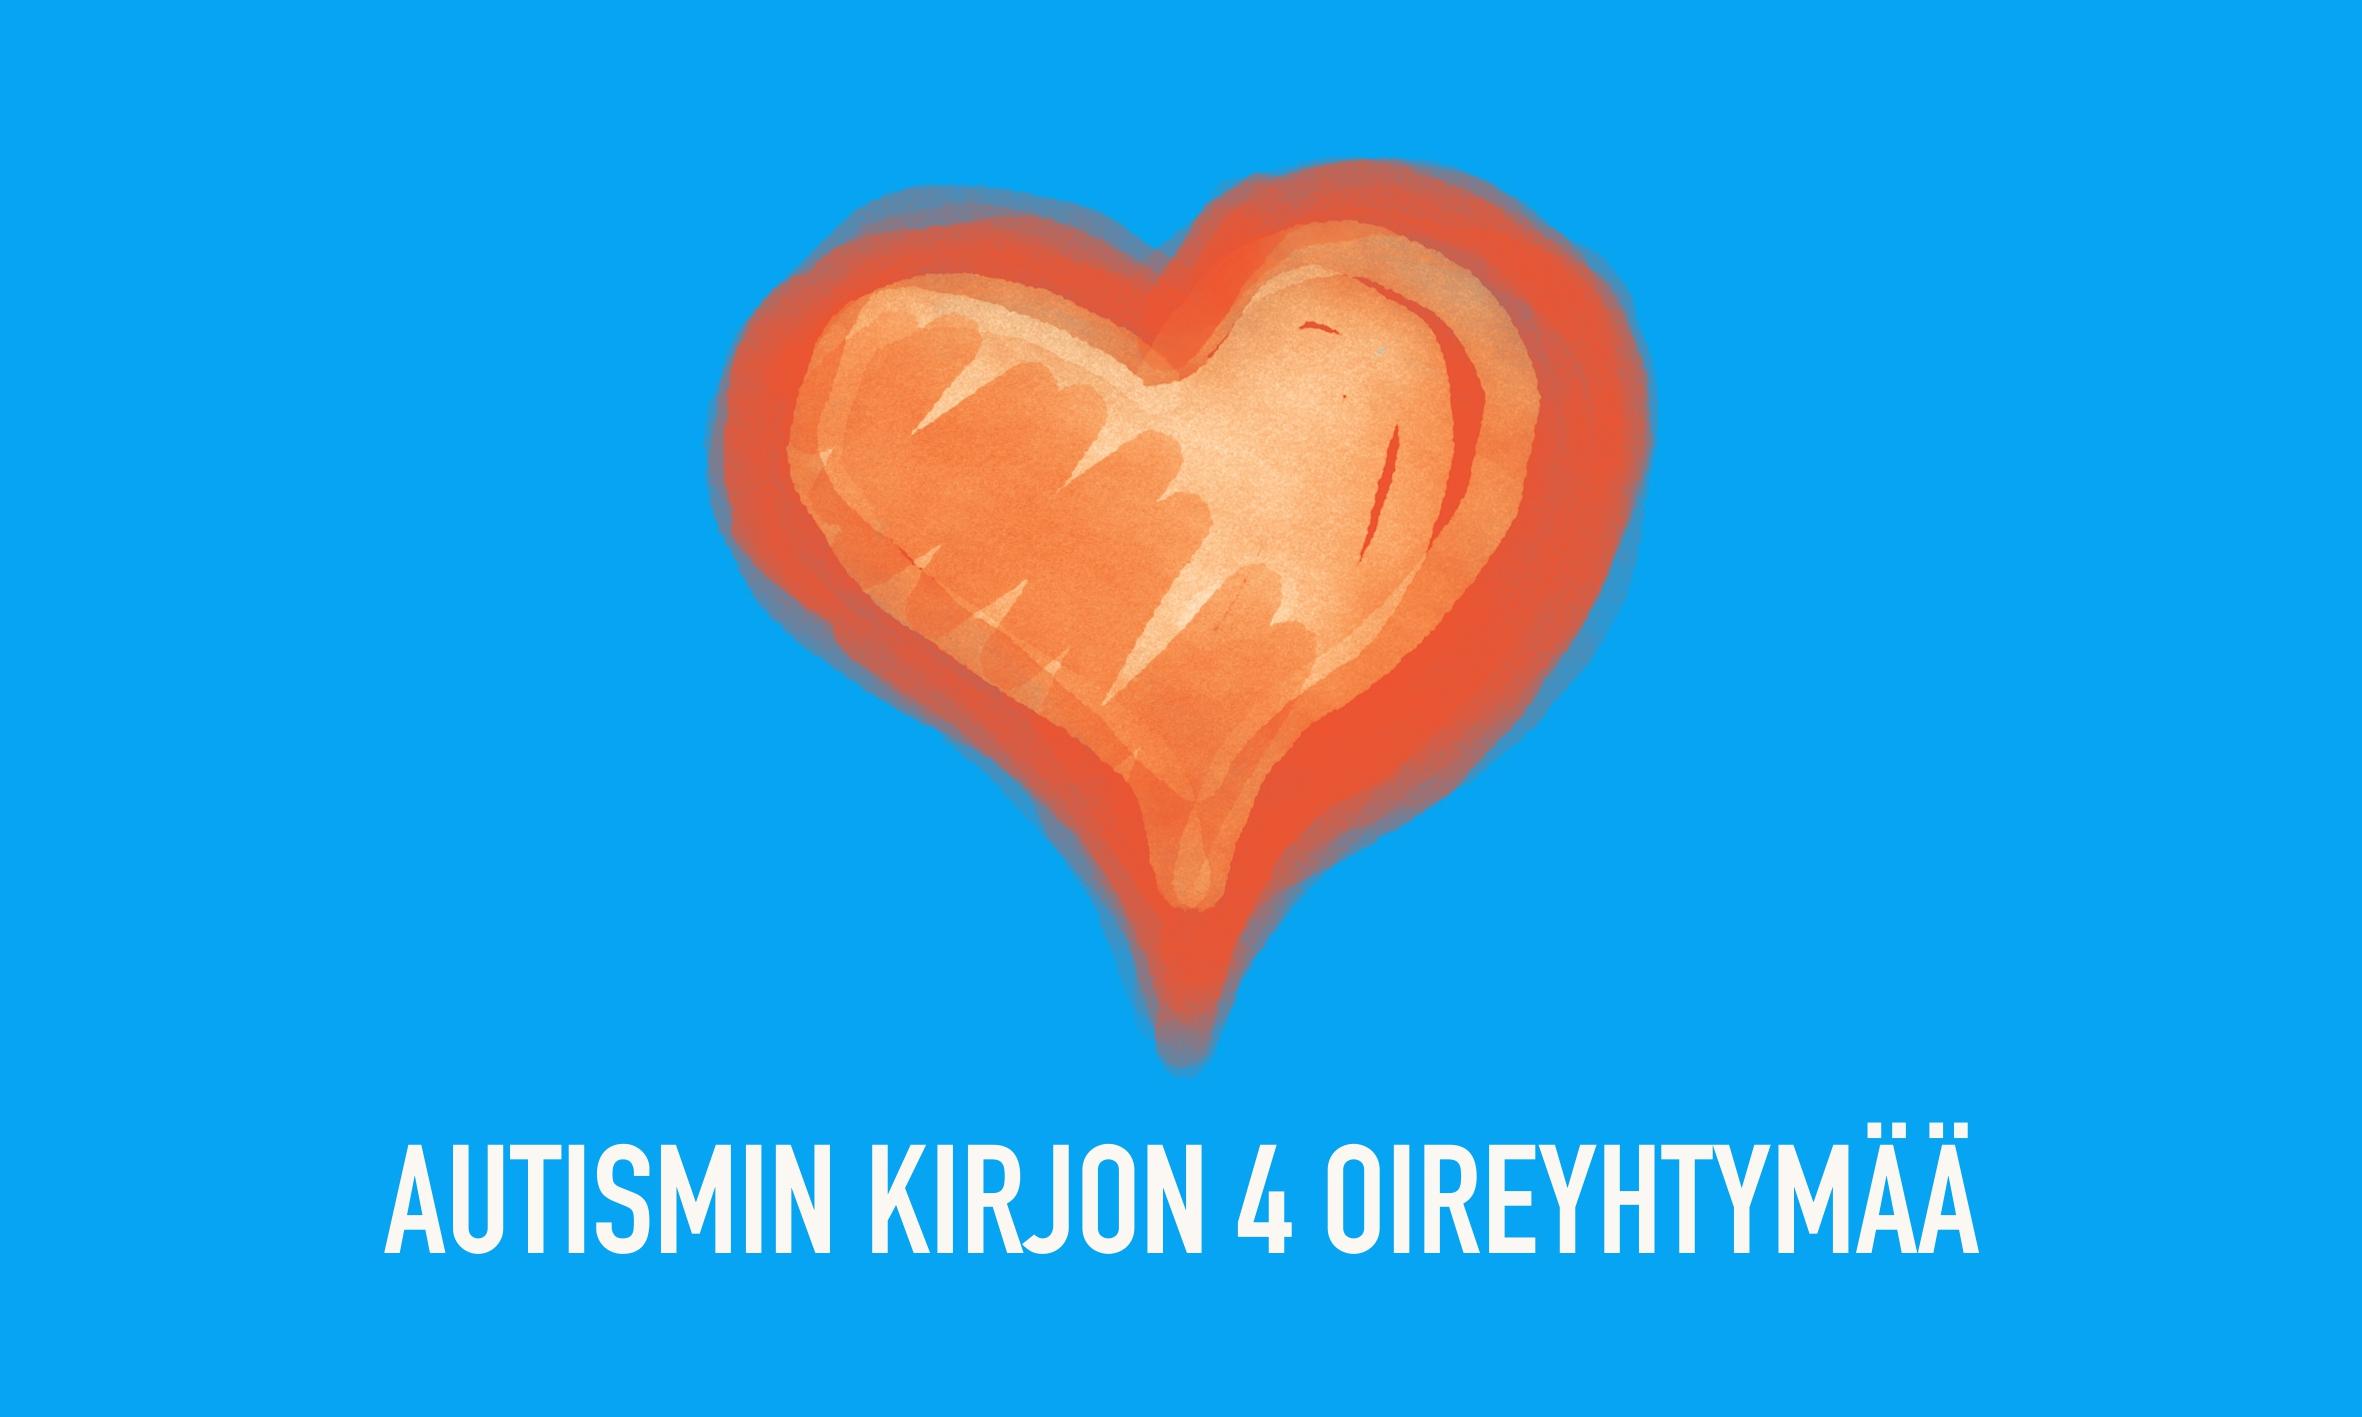 autismikirjon häiriö